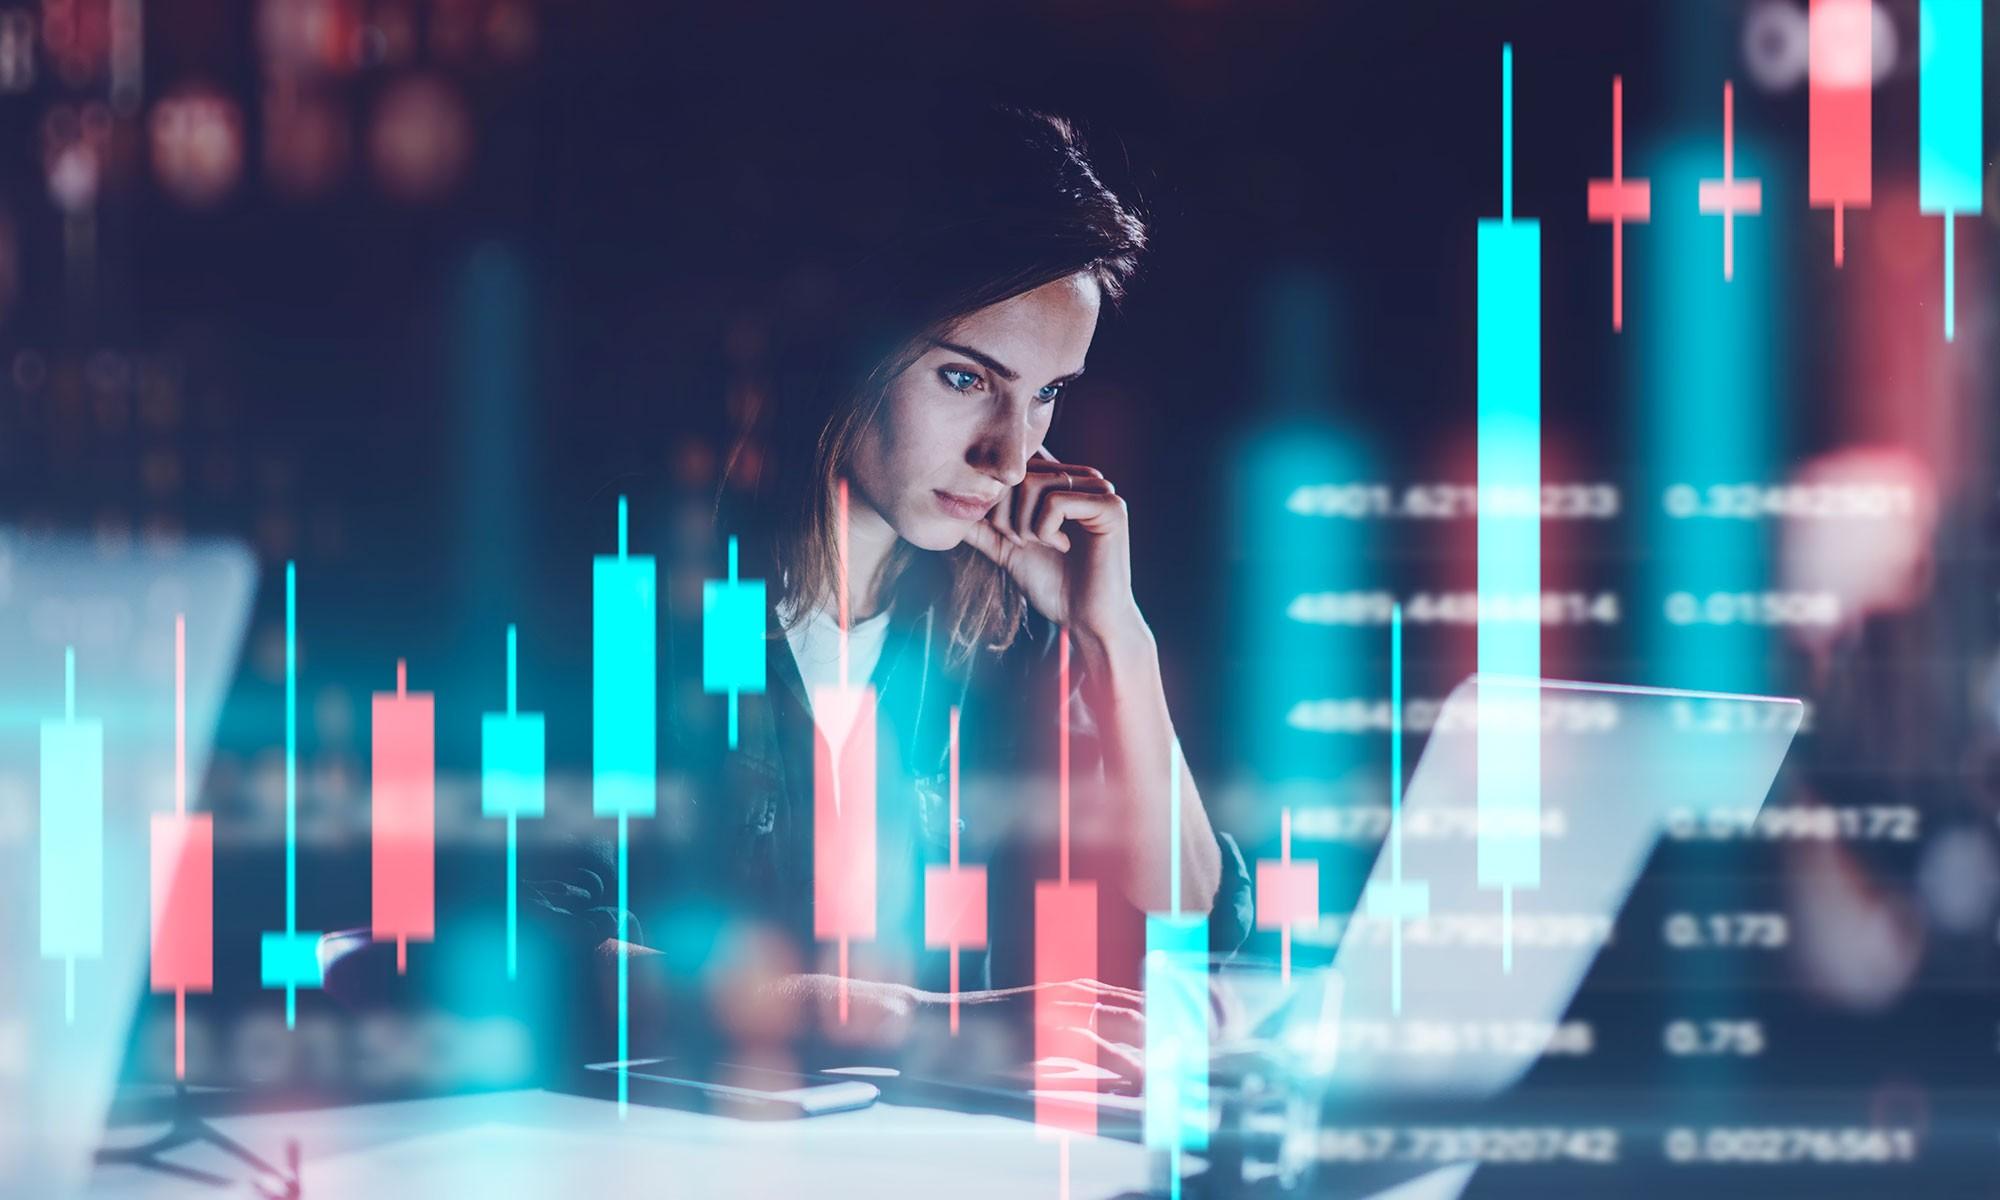 Les modes de financement de l'économie réelle : Quelles opportunités pour les dirigeants d'entreprise et les investisseurs ?